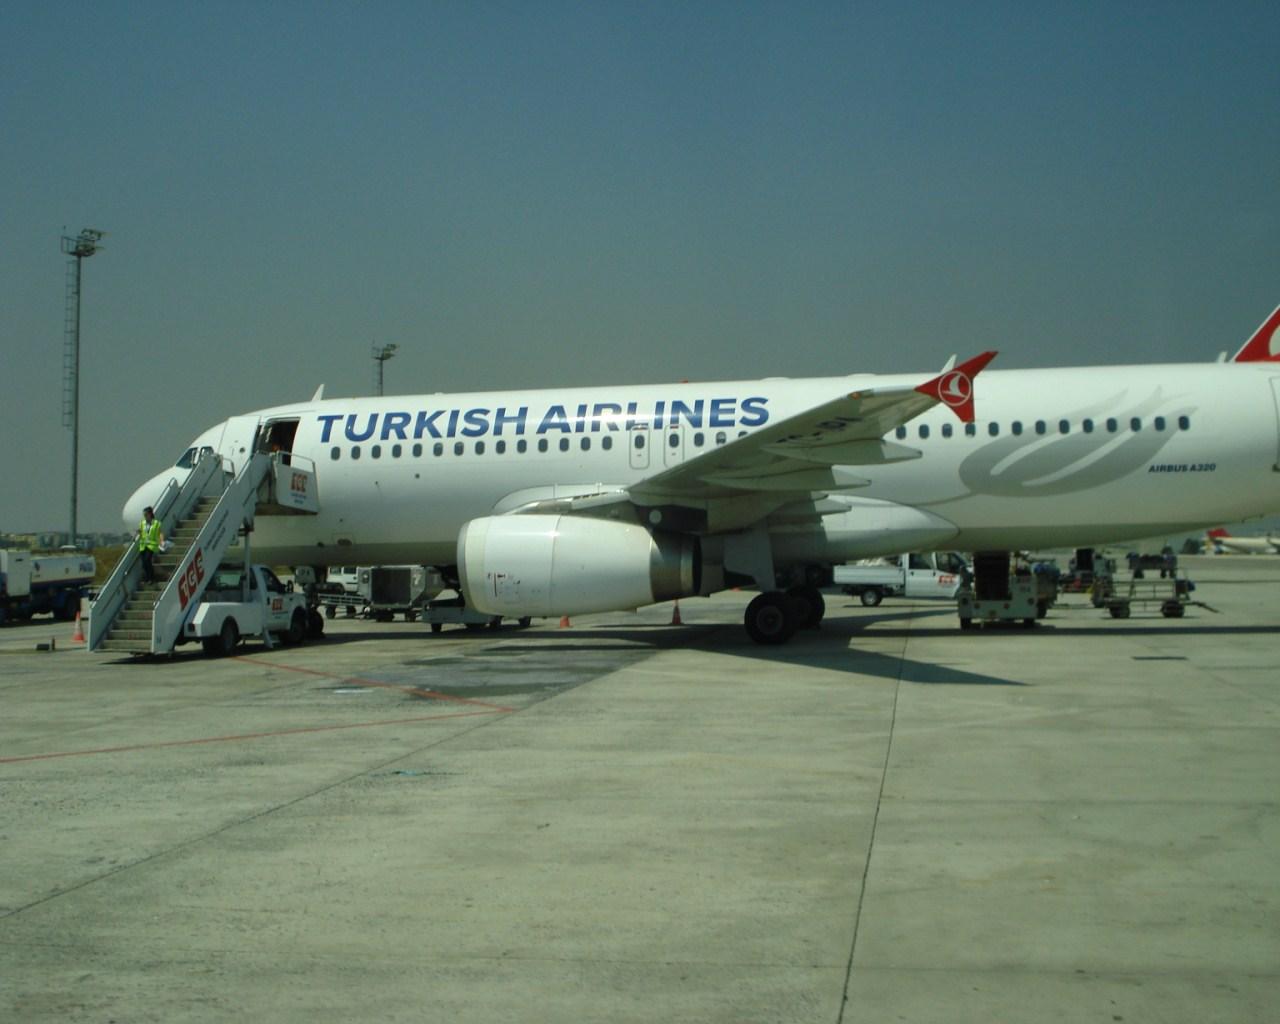 Airbus A320 Турецких авиалиний в аэропорту Стамбула